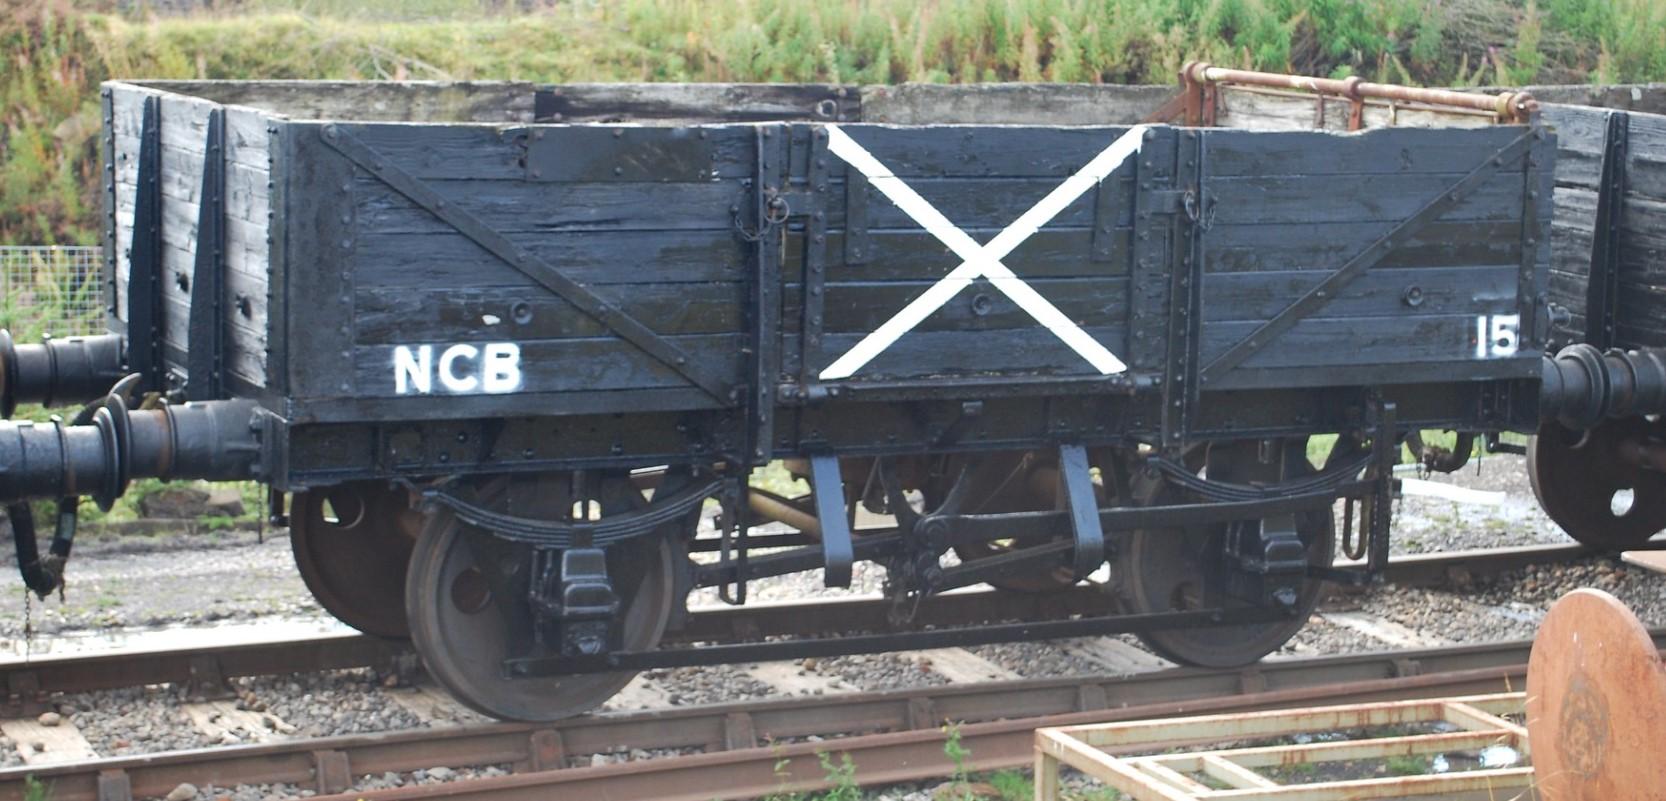 B743415 at the Pontypool & Blaenavon Railway in September 2011. ©Hugh Llewelyn